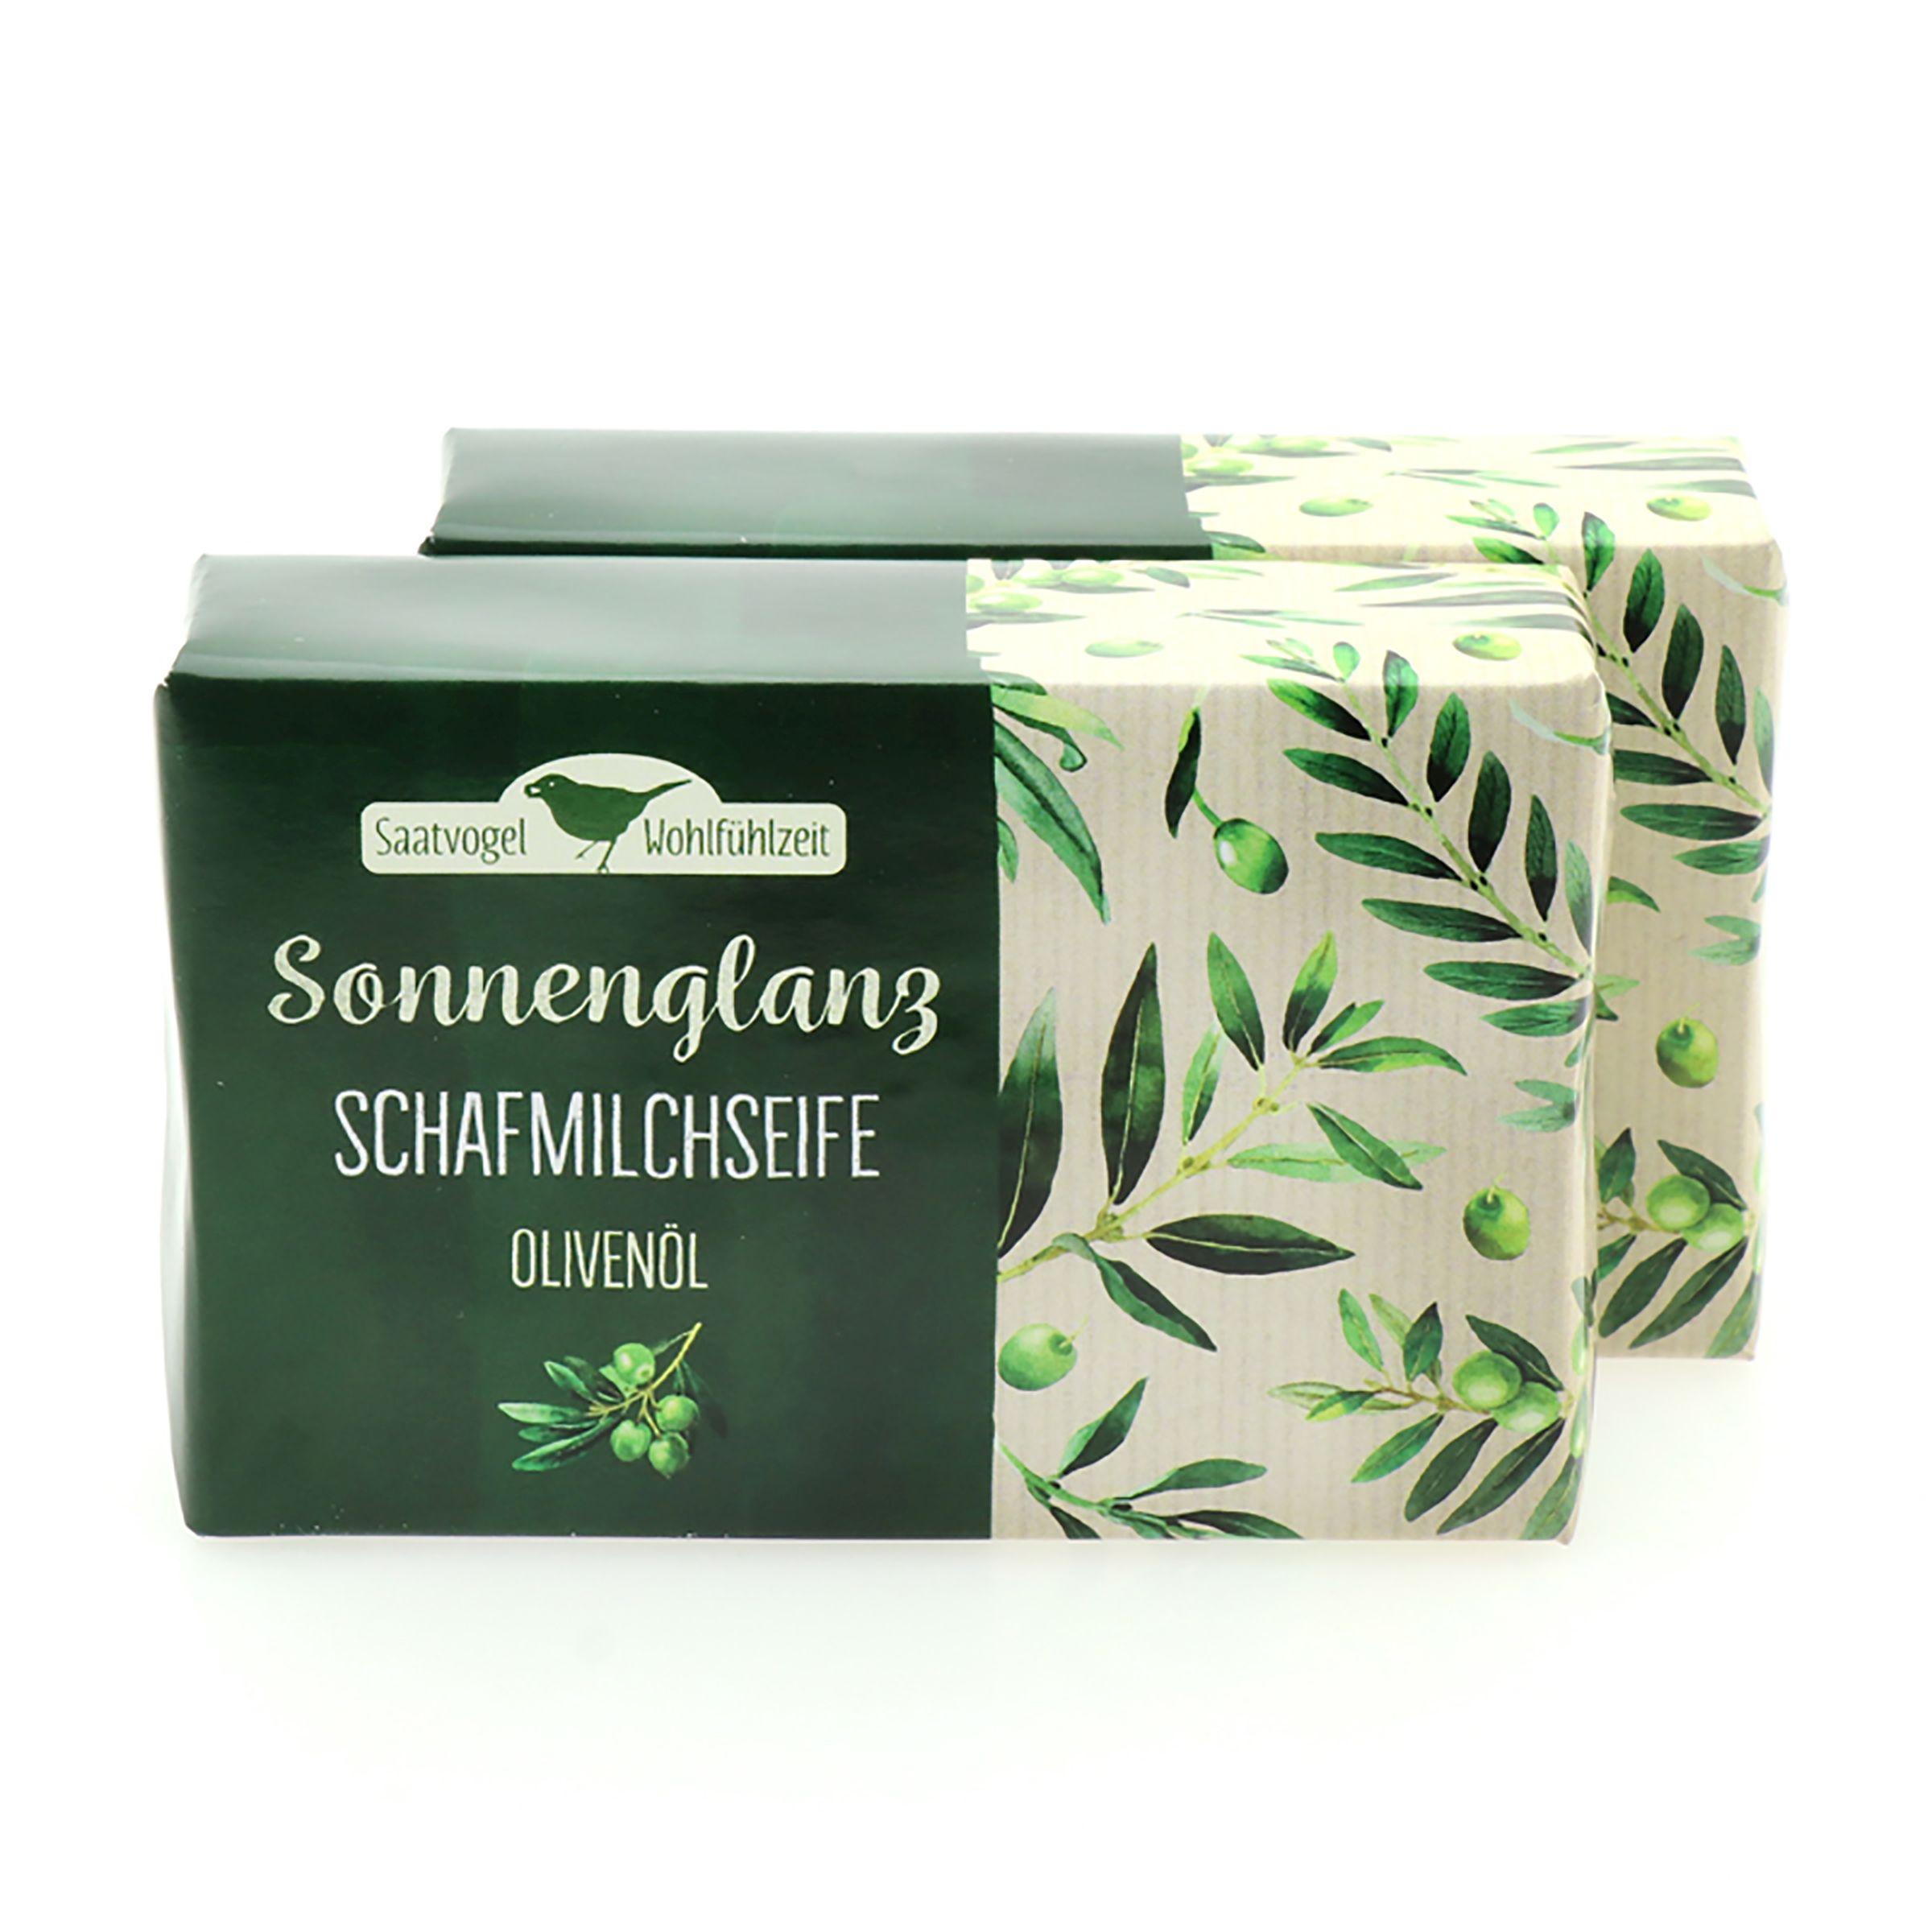 Schafmilchseife Sonnenglanz - Olivenöl